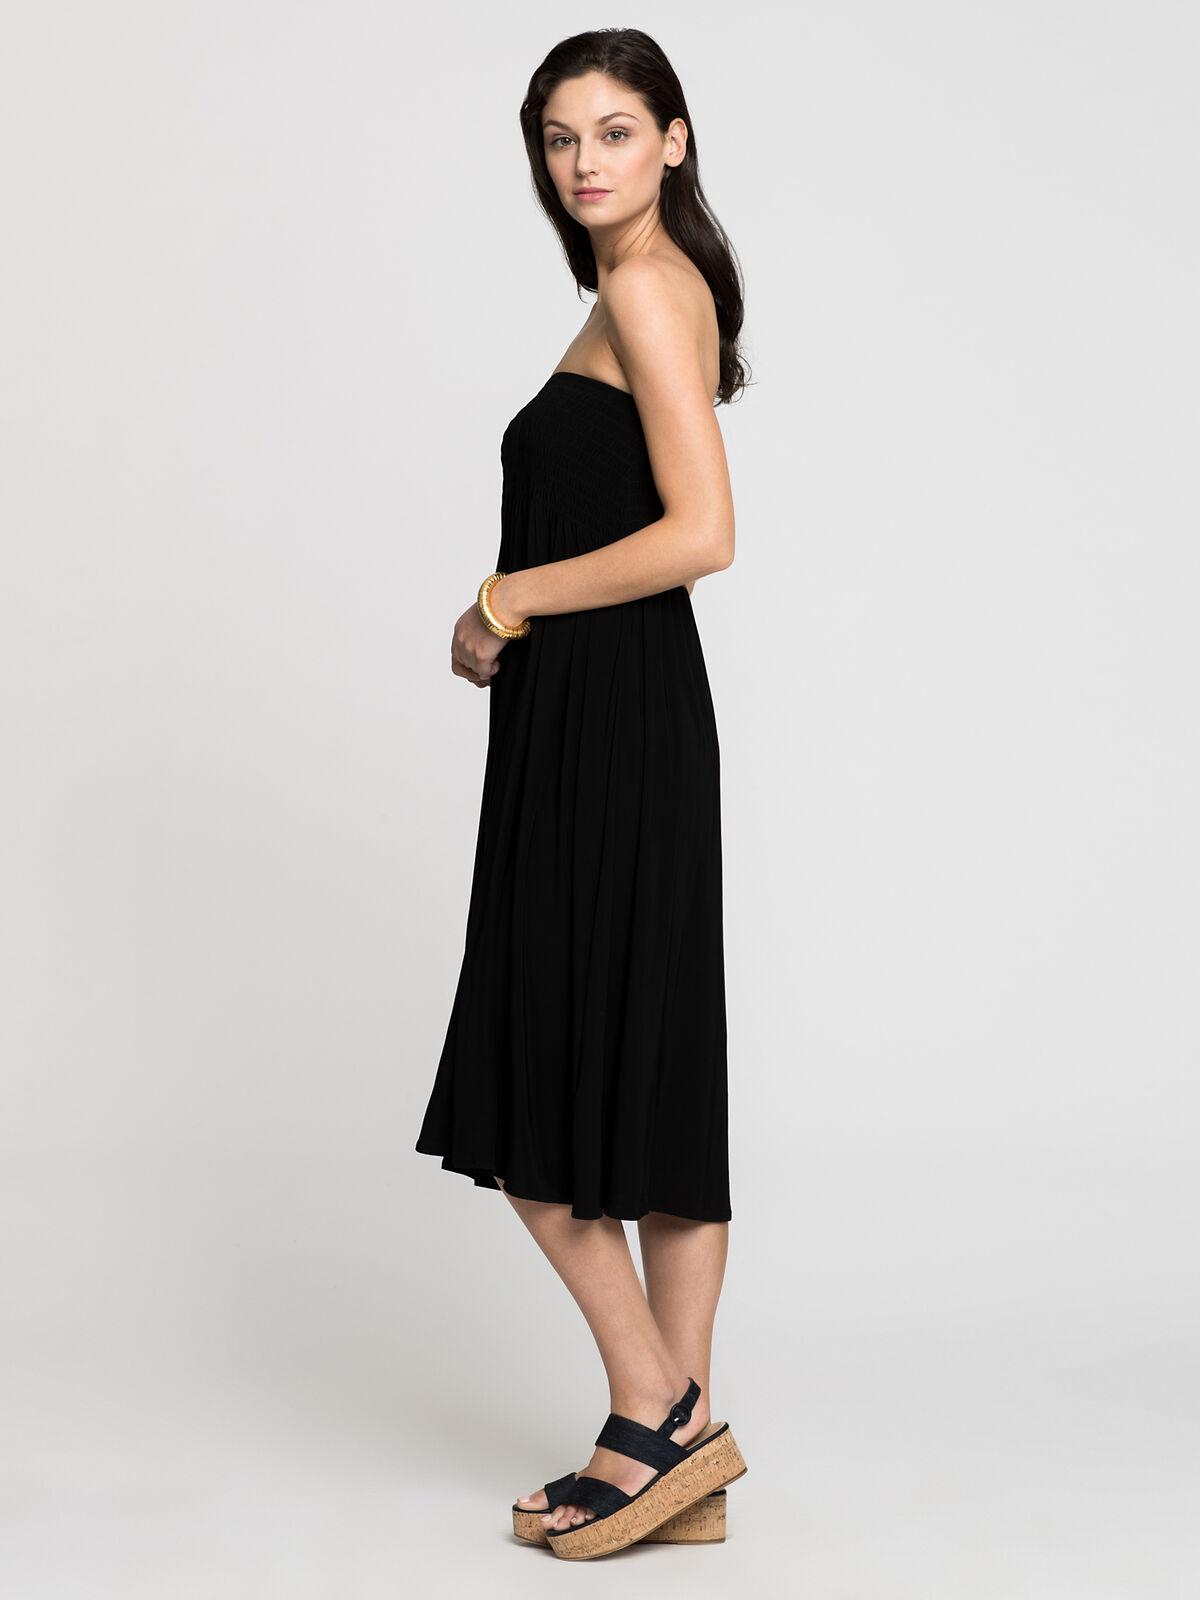 Feel Good Skirt Dress